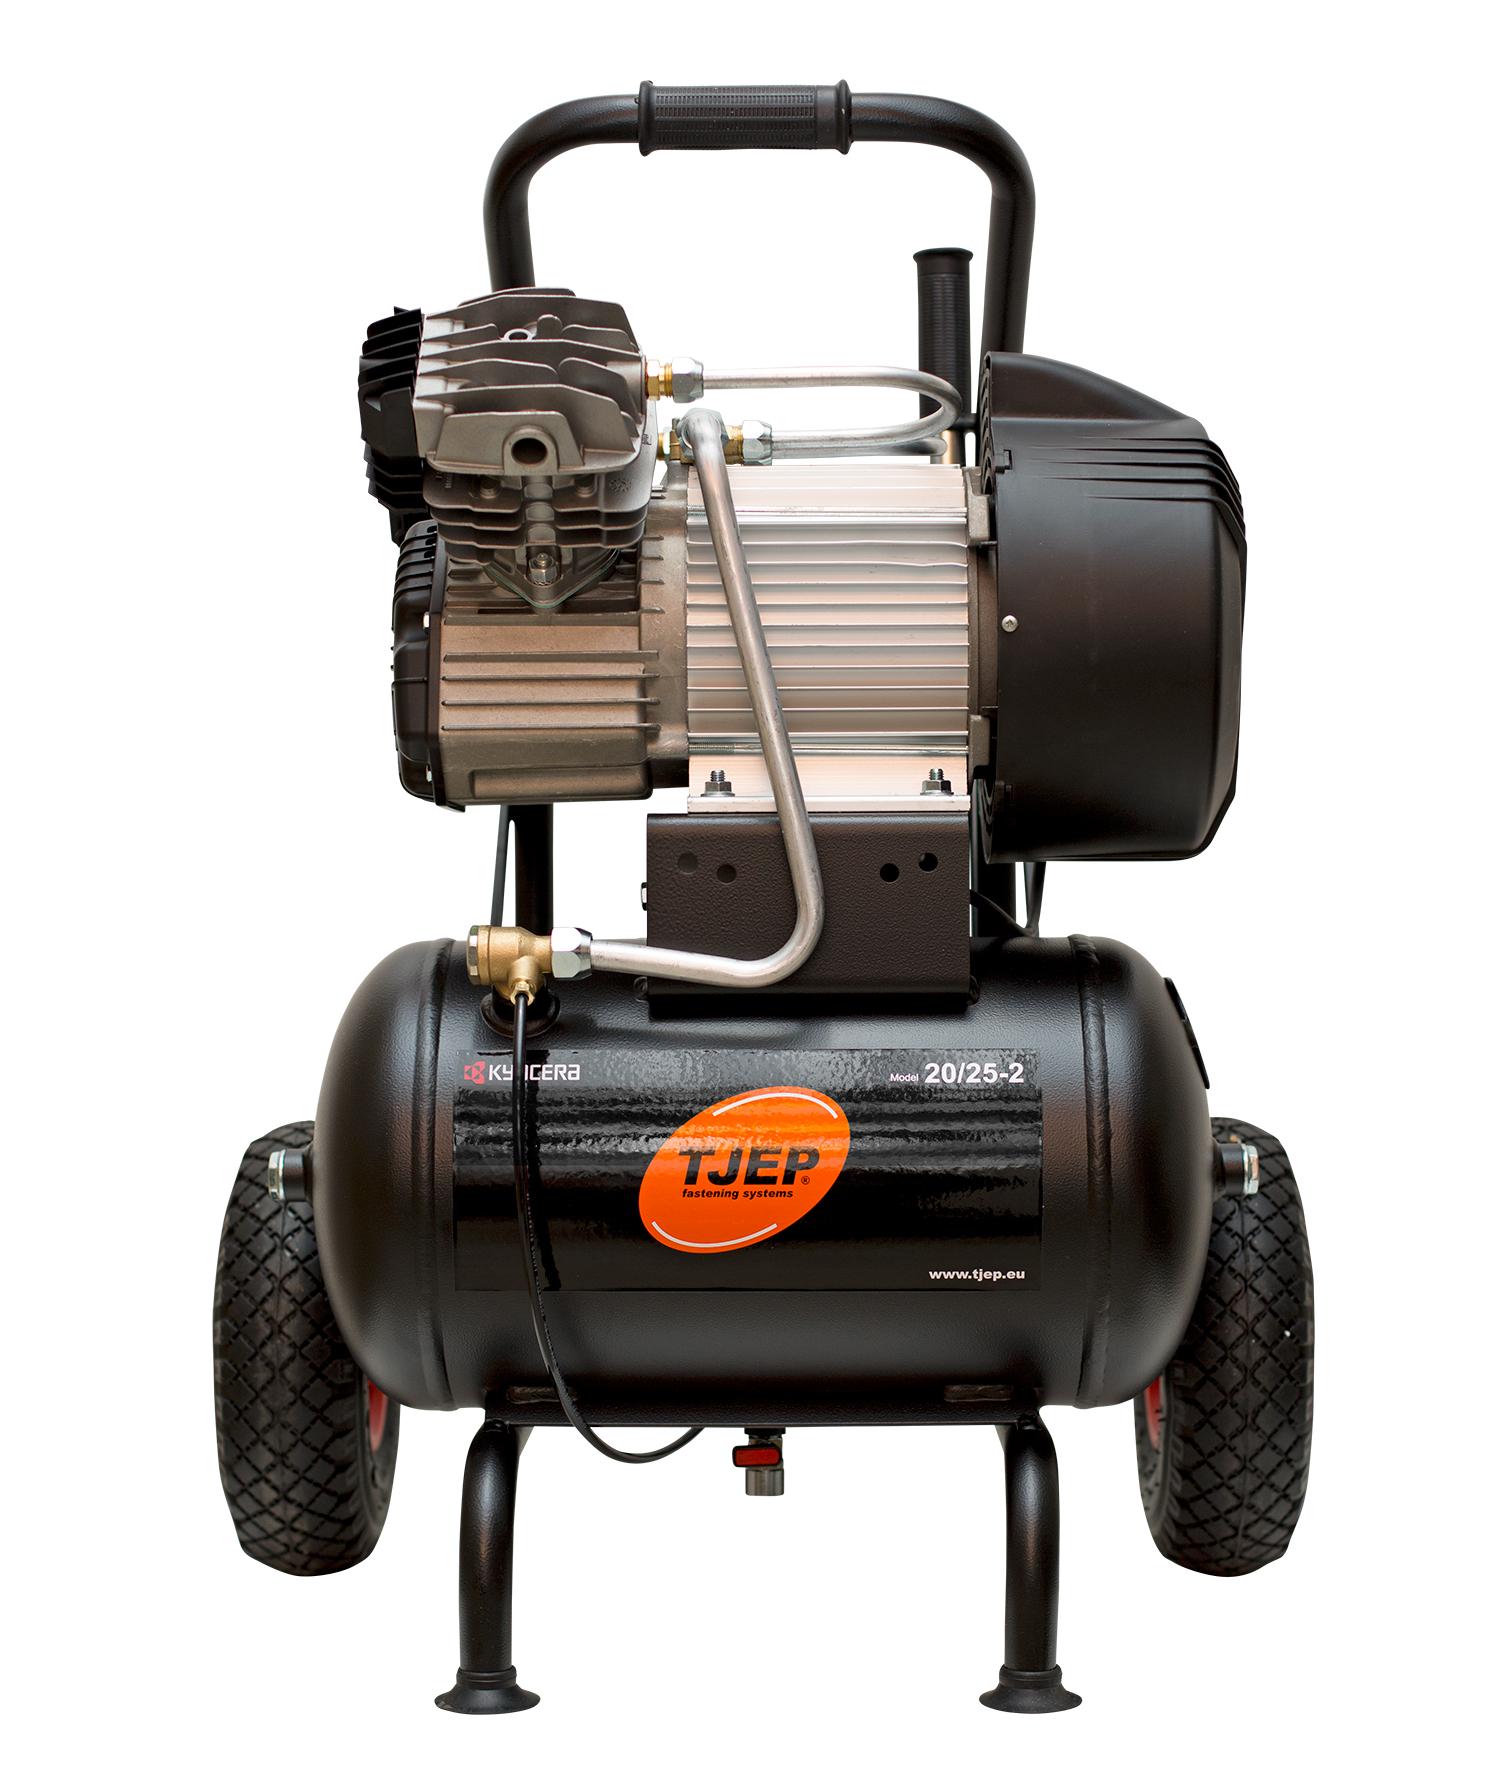 tjep 20 25 2 kompressor. Black Bedroom Furniture Sets. Home Design Ideas